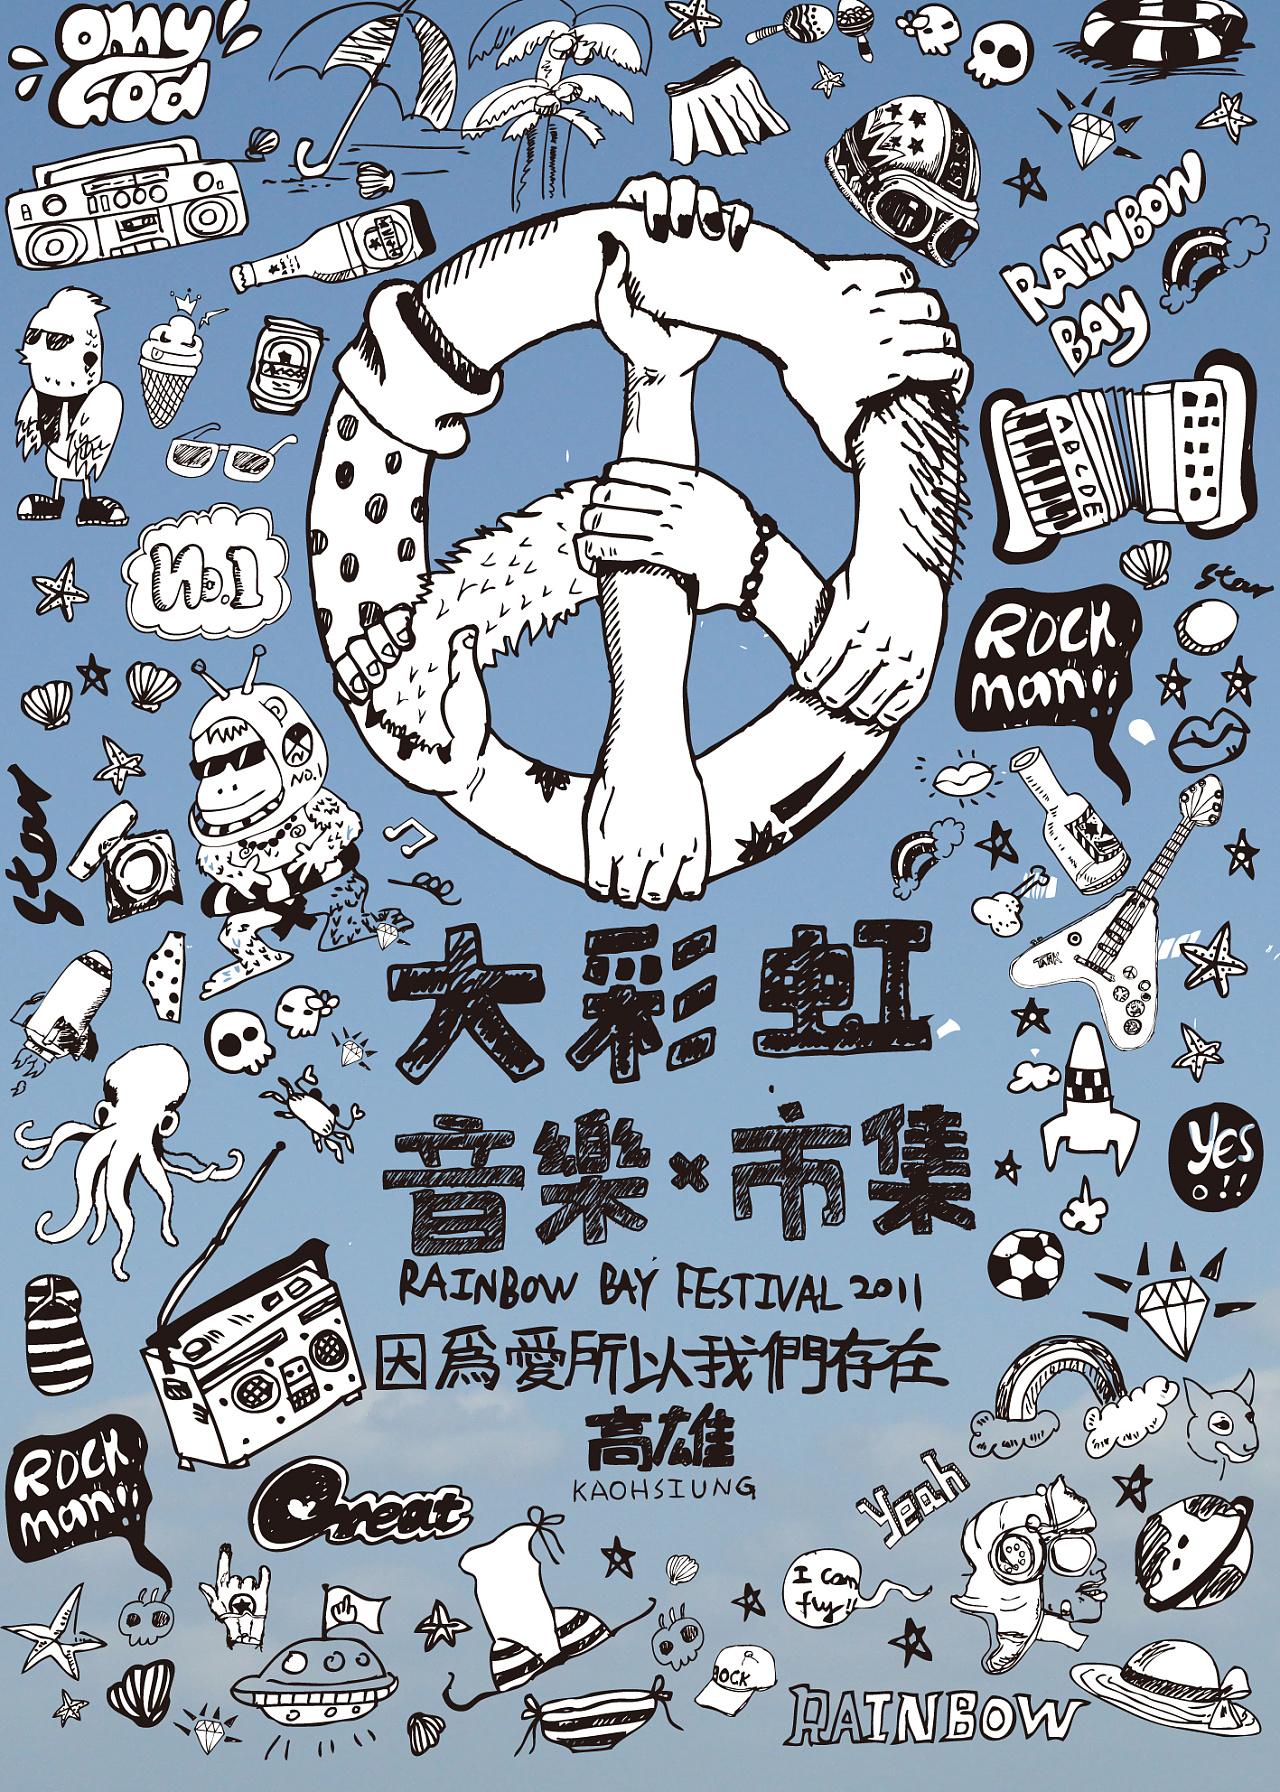 高雄 大彩虹音乐节 视觉设计图片